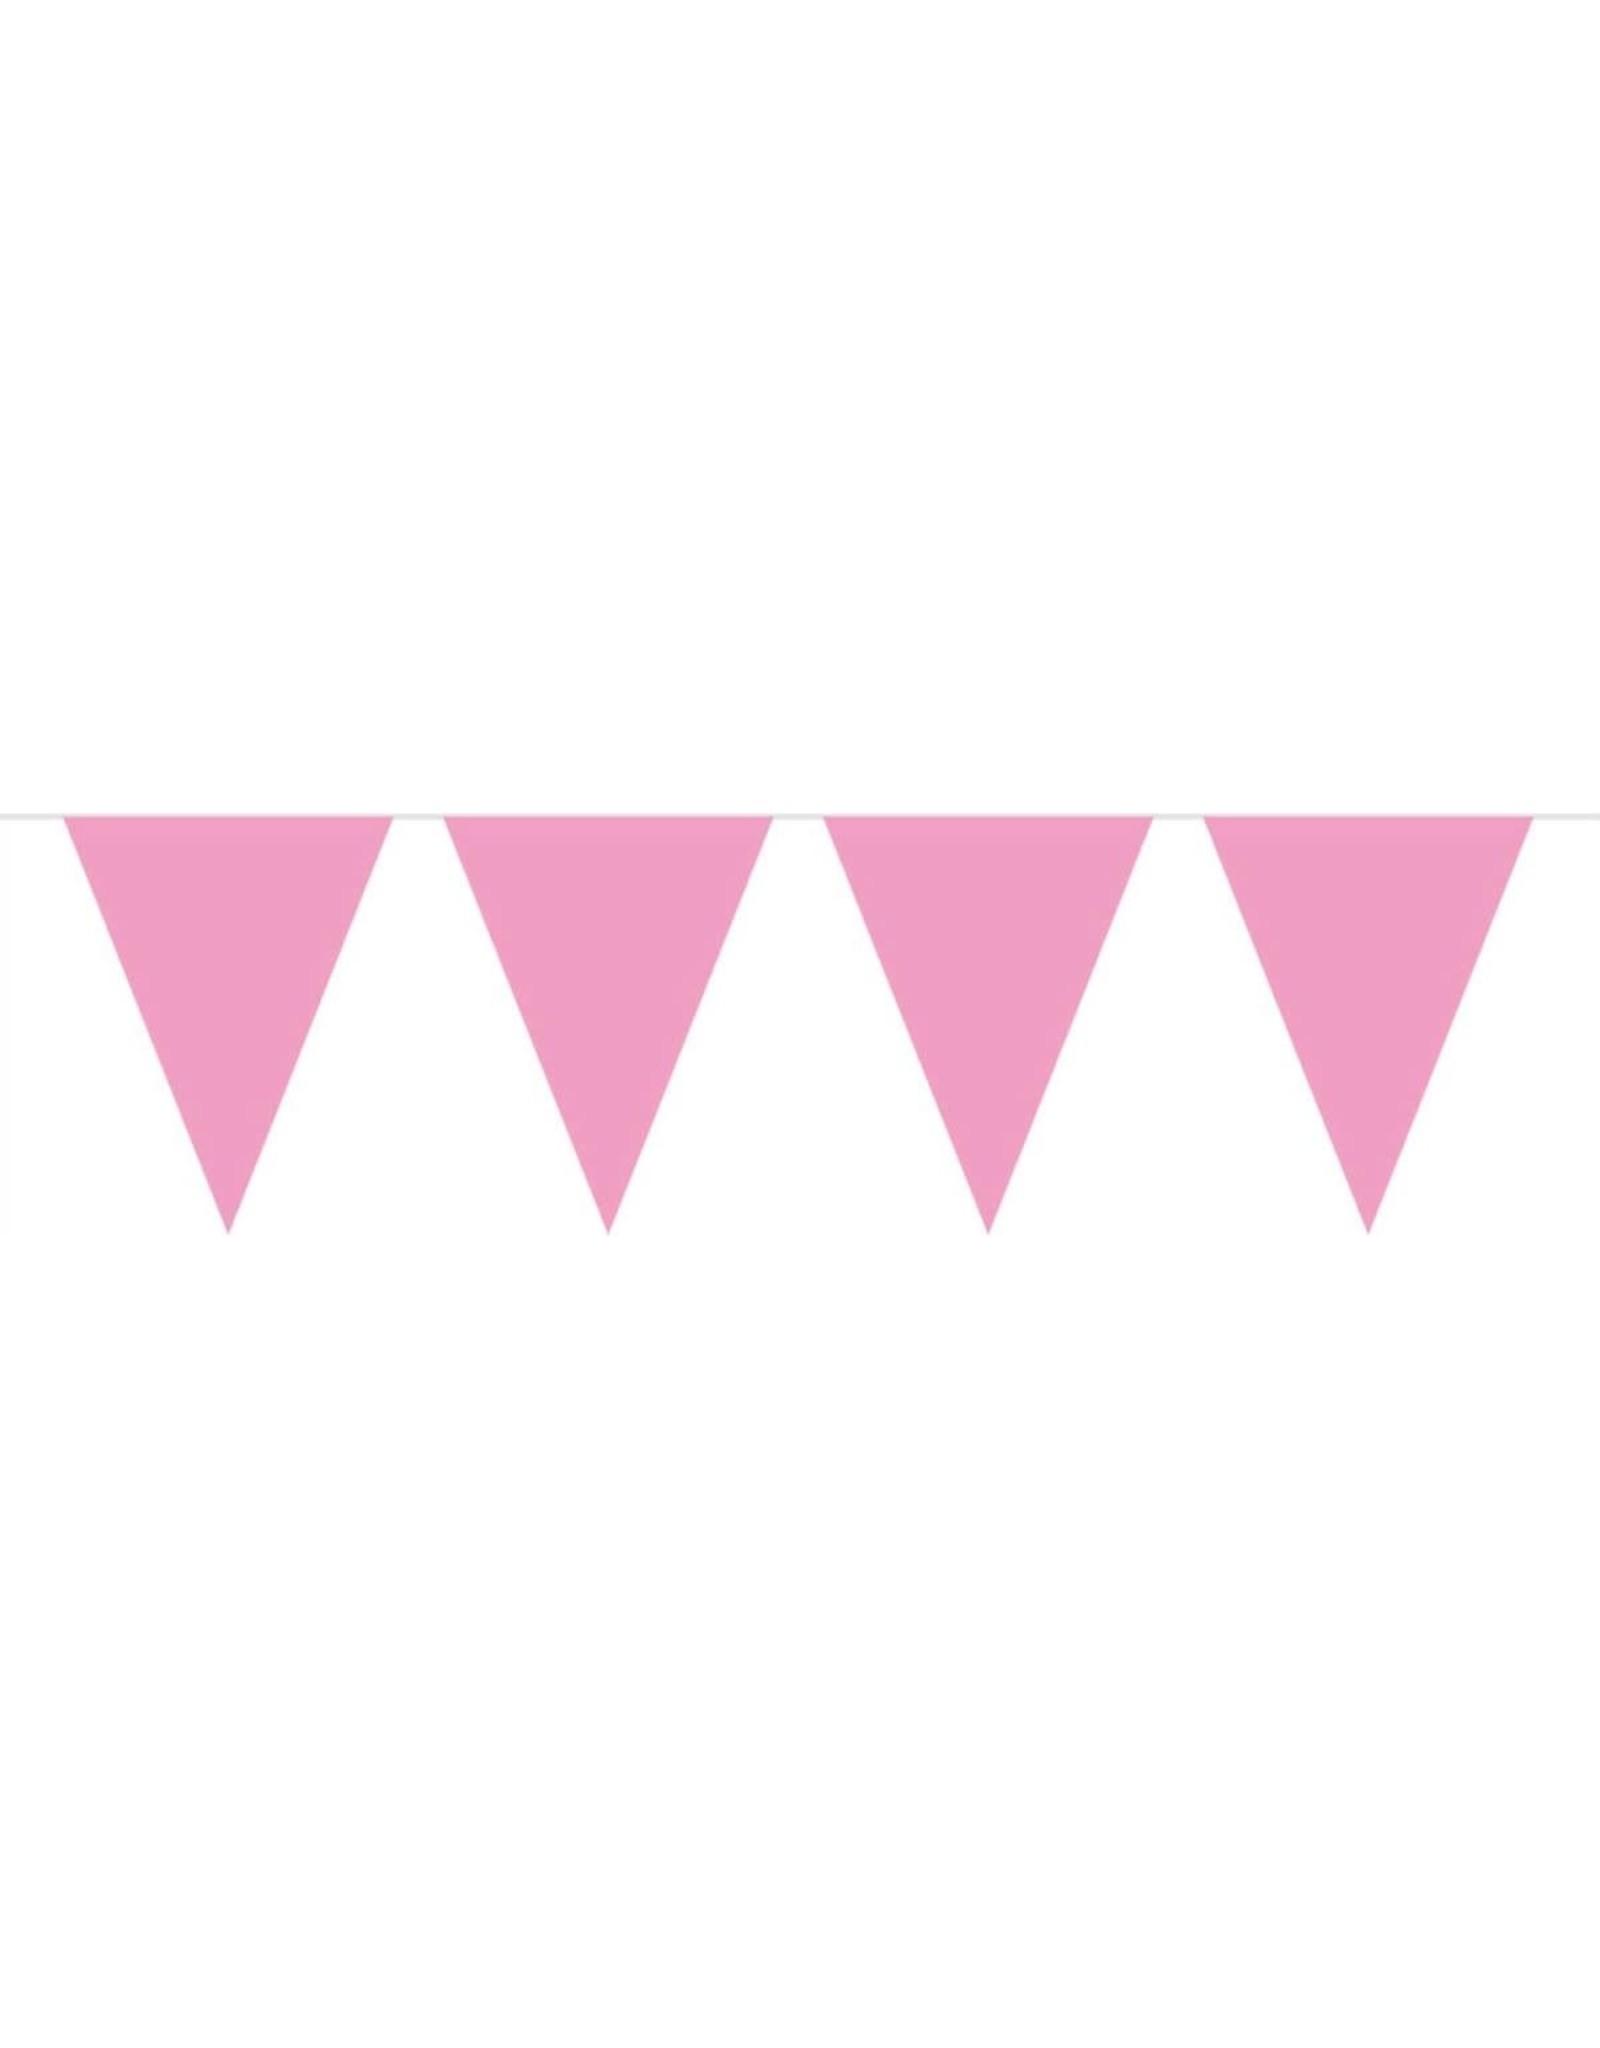 FOLAT Baby Roze Vlaggenlijn - 10 meter